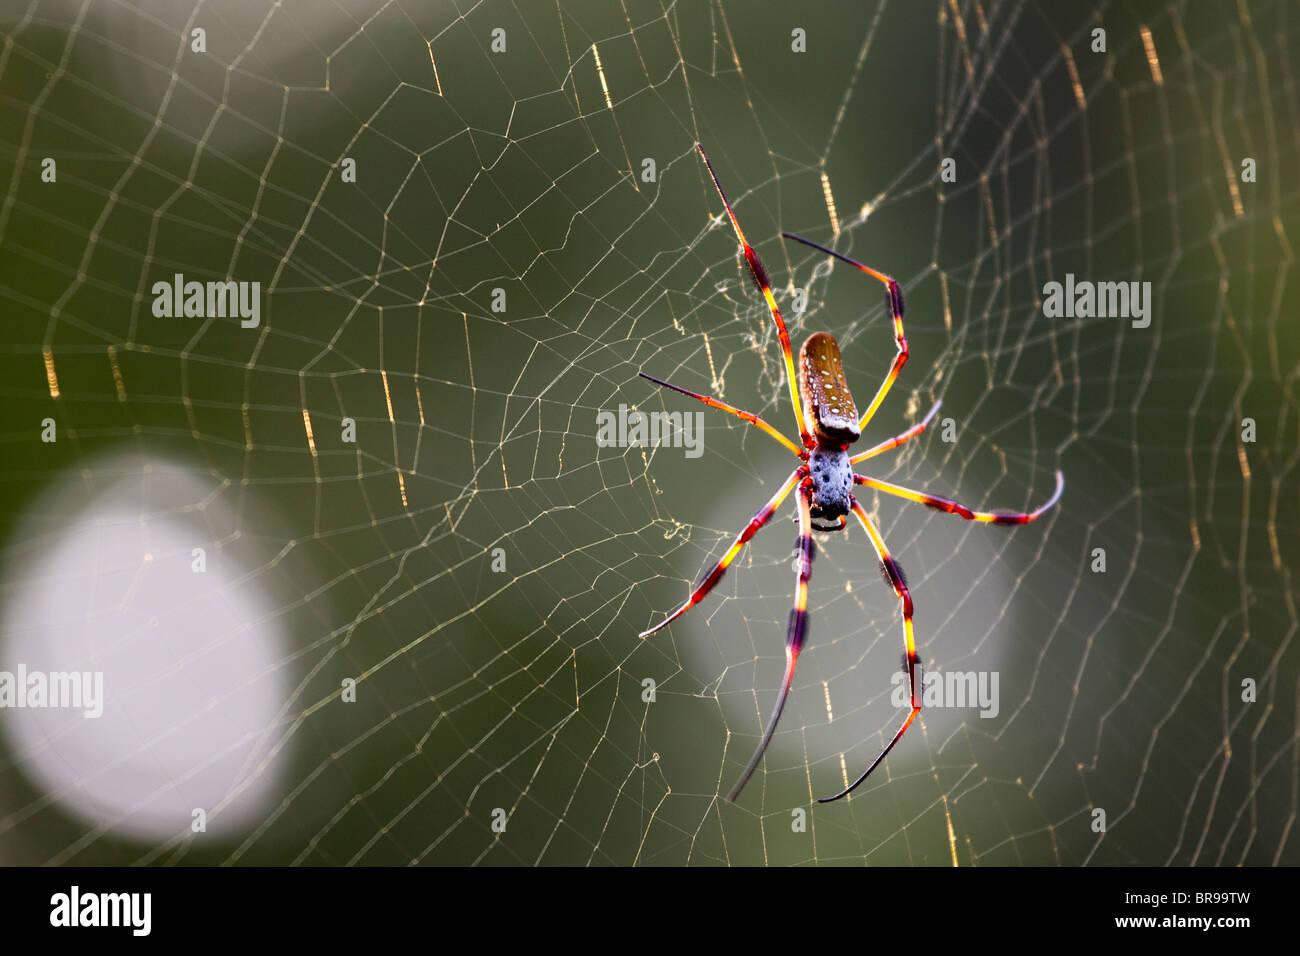 Large colorful orb weaver spider in spider web, Bayou La Batre, Alabama, US - Stock Image